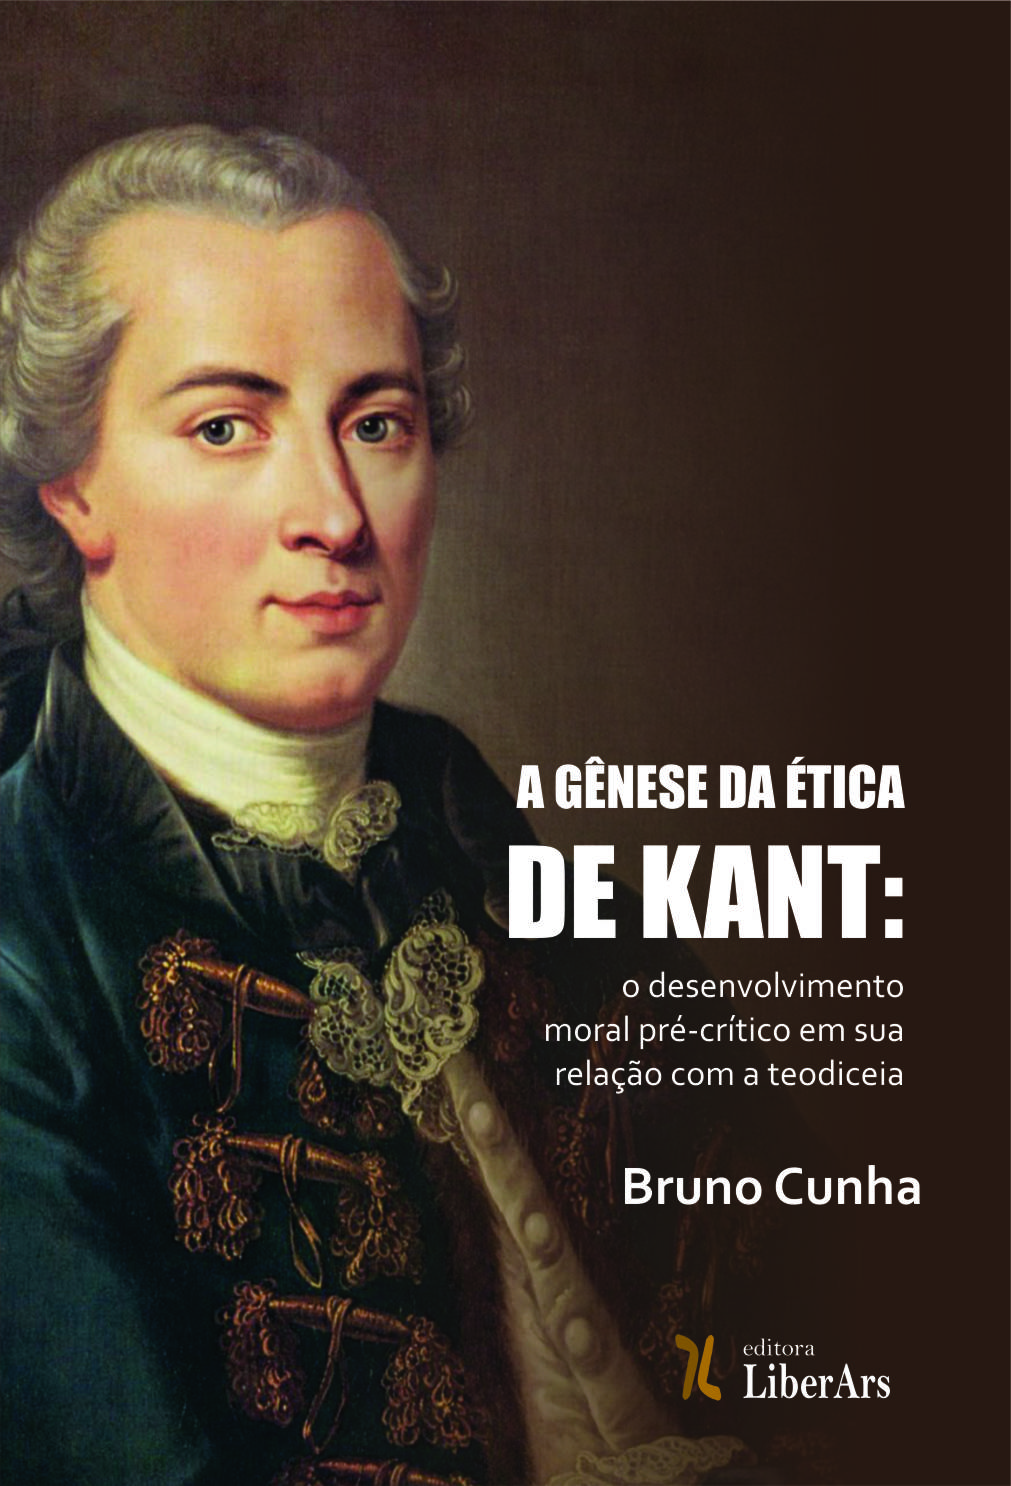 Gênese da ética em Kant, A, livro de Bruno Cunha